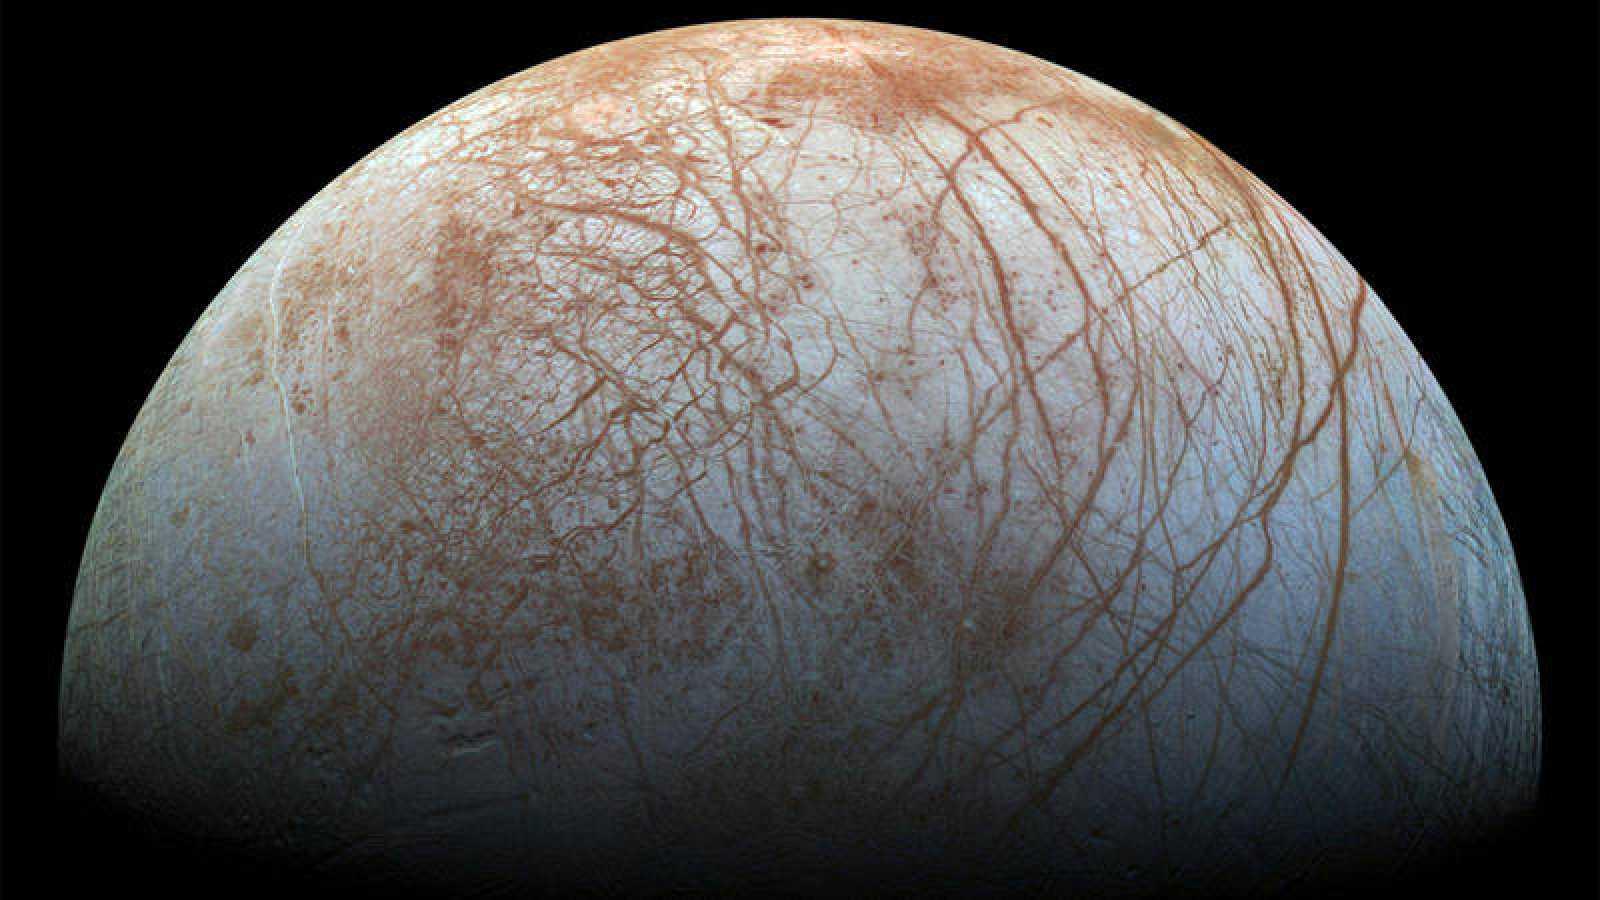 Europa Una De Las Lunas De Júpiter Tendría Los Ingredientes Suficientes Para Sustentar Vida Rtve Es